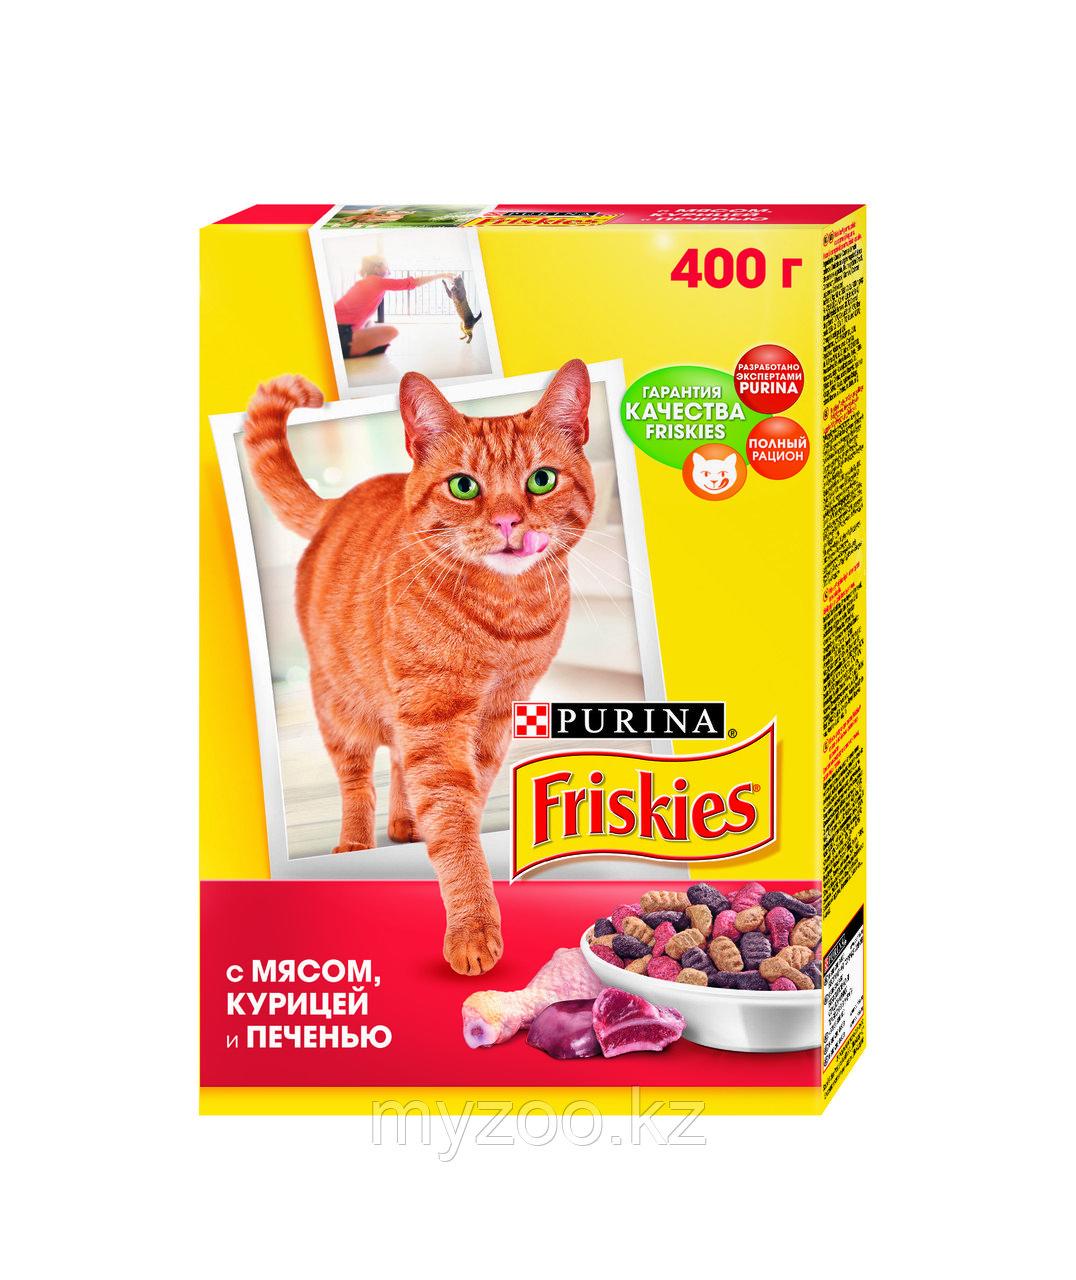 Friskies, Фрискис сухой корм для кошек, мясо, печень, овощи, уп.400гр.